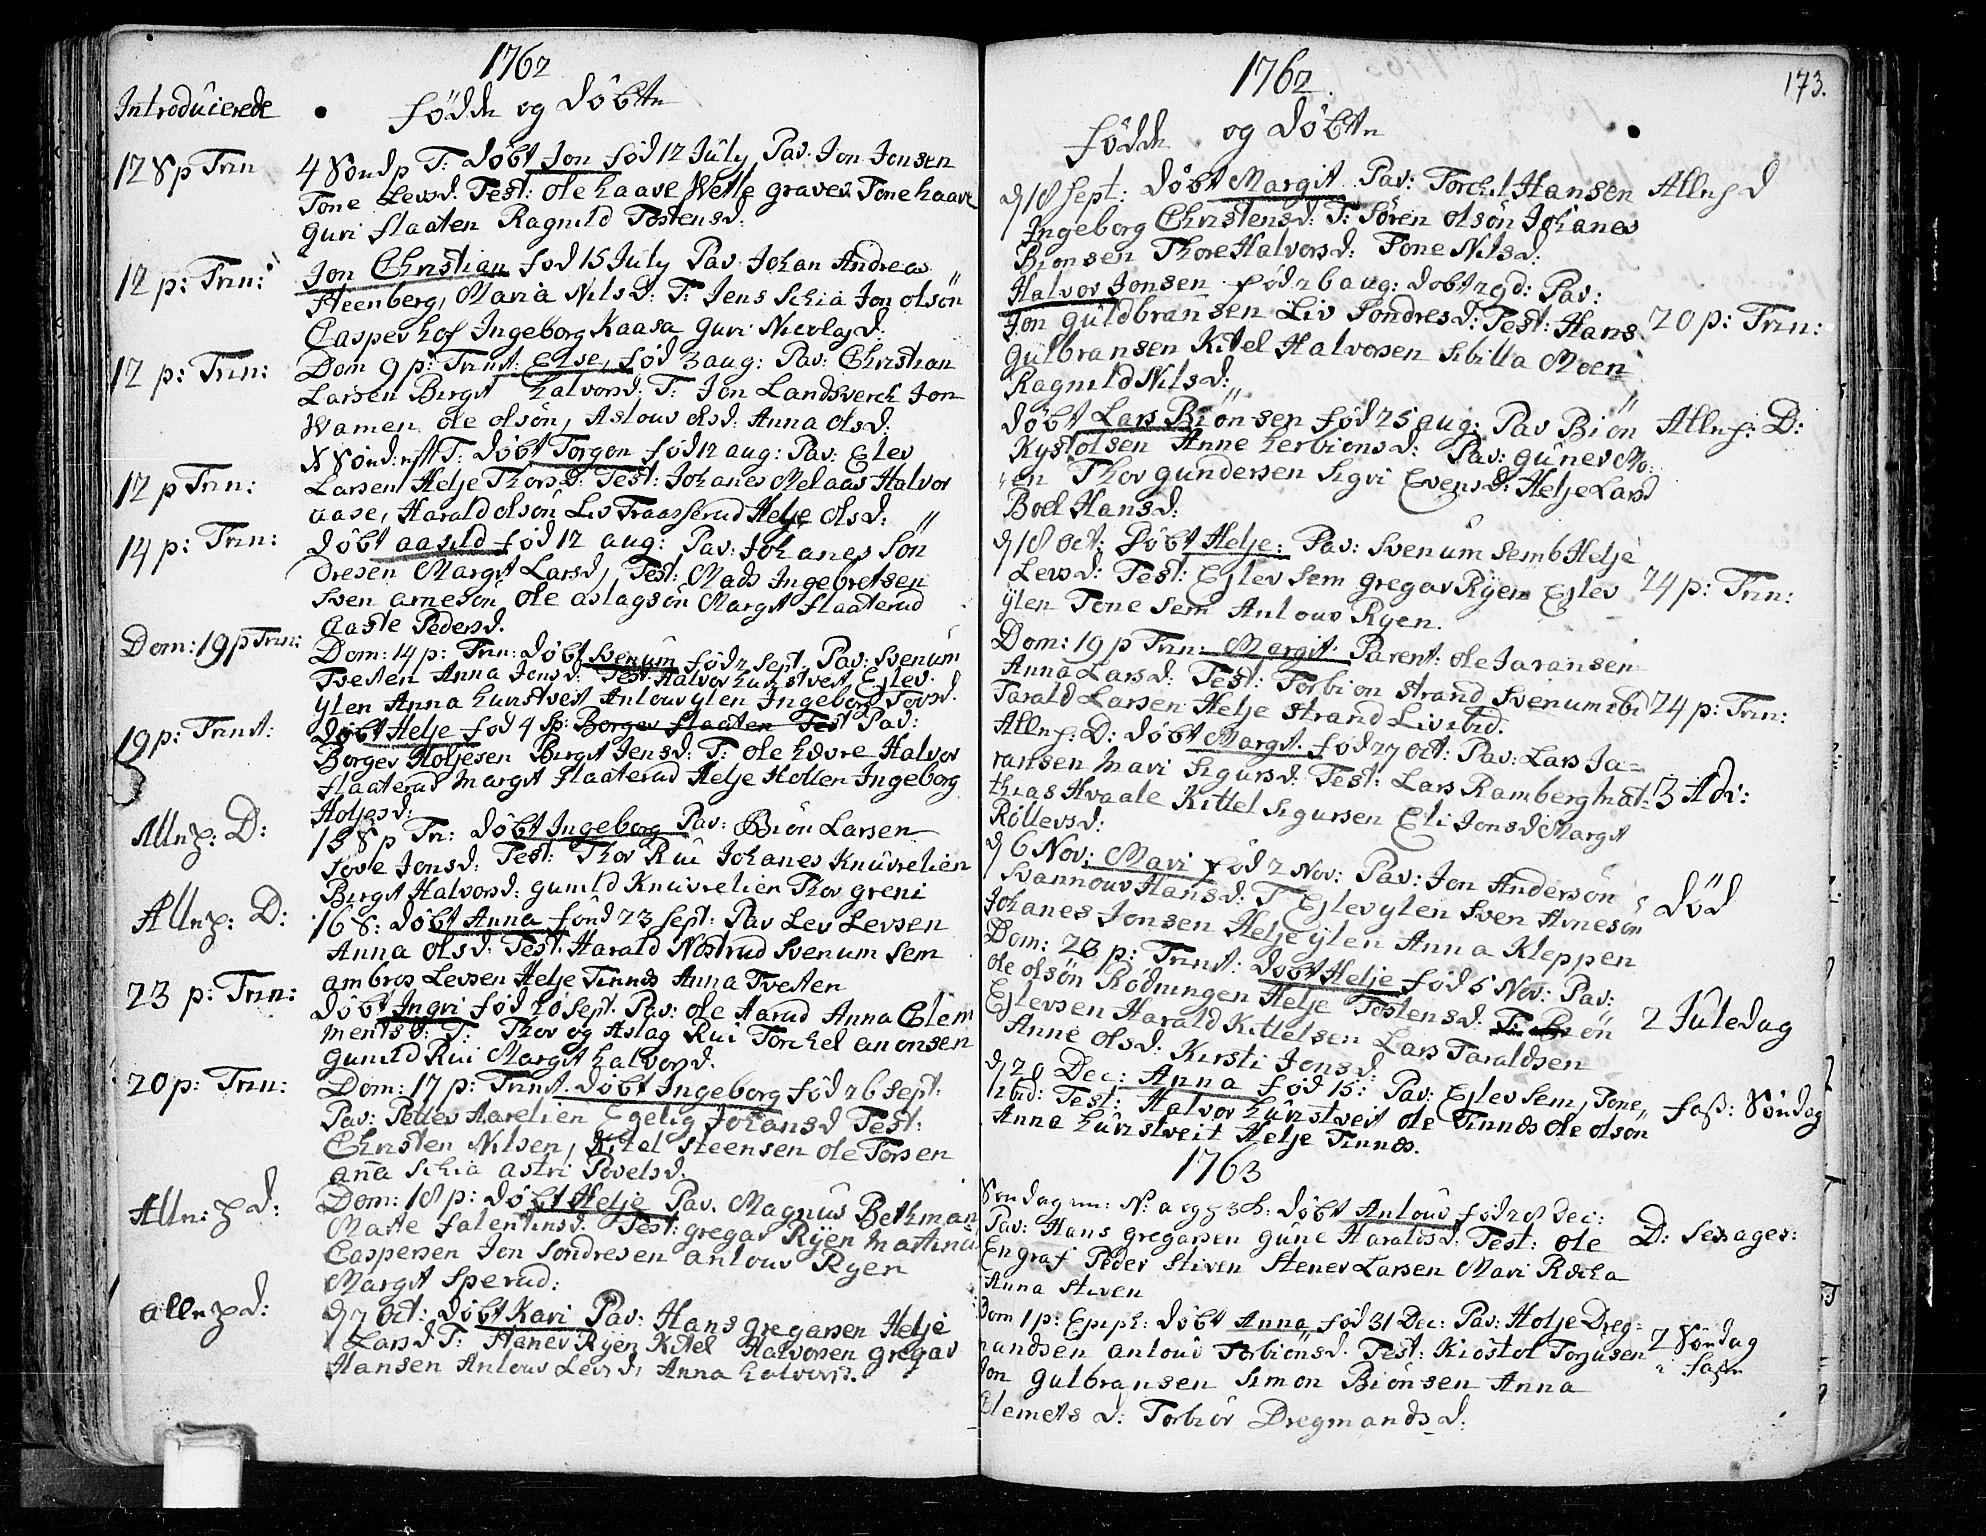 SAKO, Heddal kirkebøker, F/Fa/L0003: Ministerialbok nr. I 3, 1723-1783, s. 173